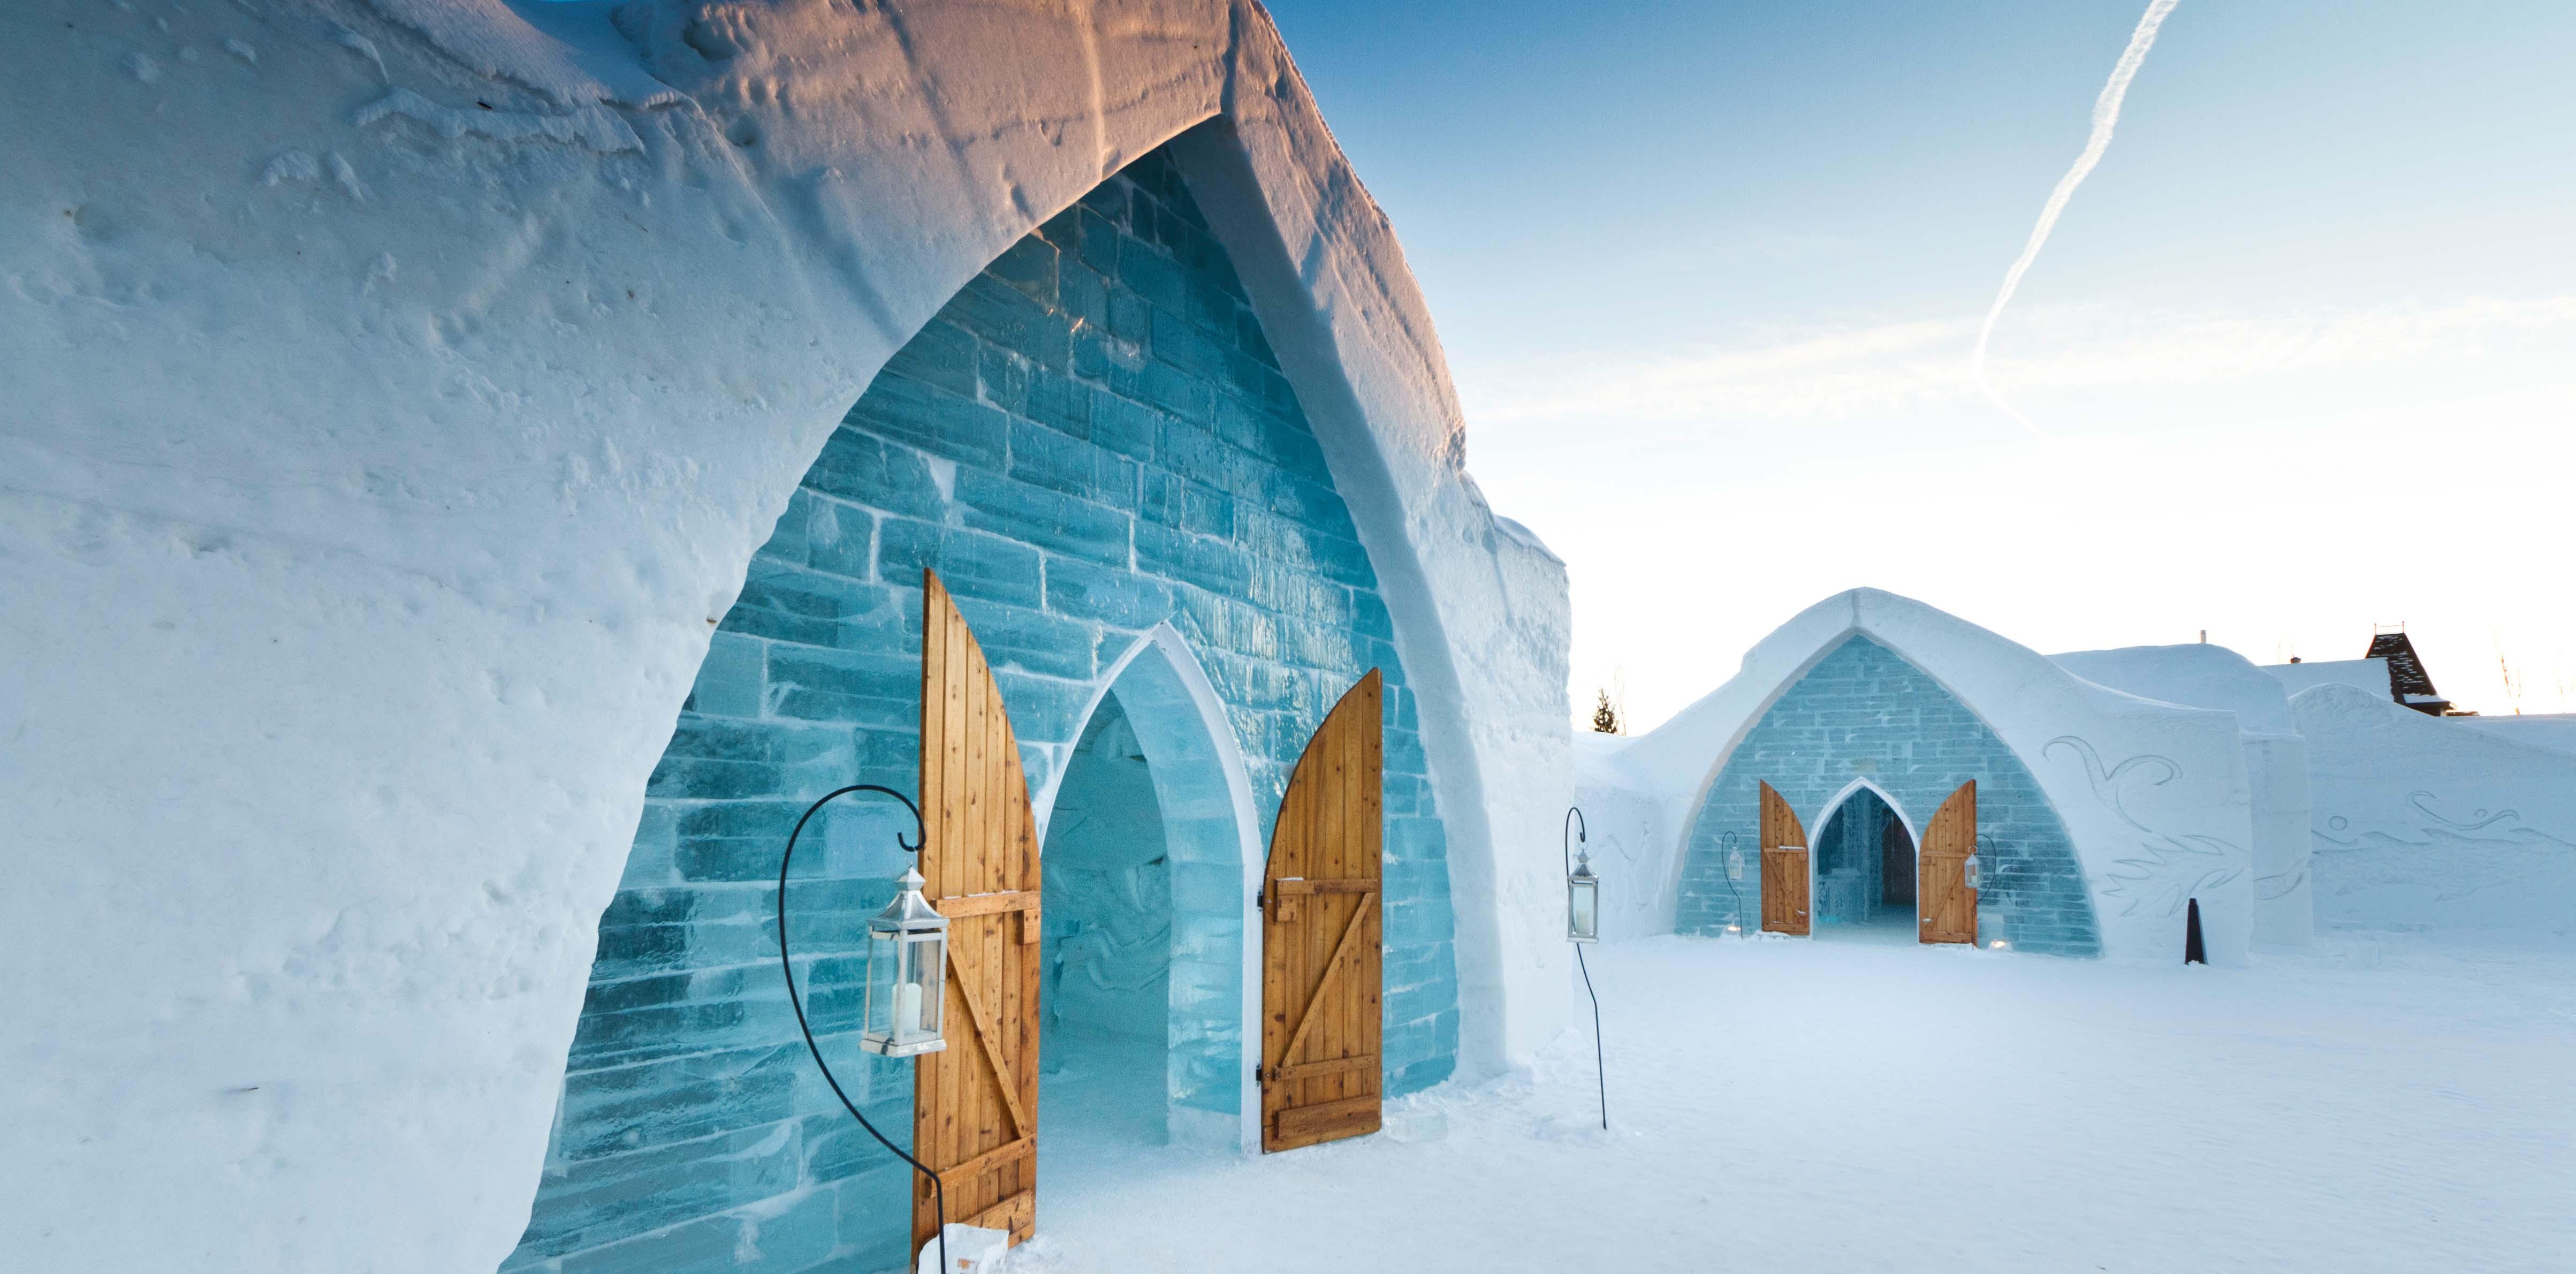 【魁北克冬季限定】加拿大獨一無二的冰酒店 Hôtel de Glace - Travelliker 愛遊人